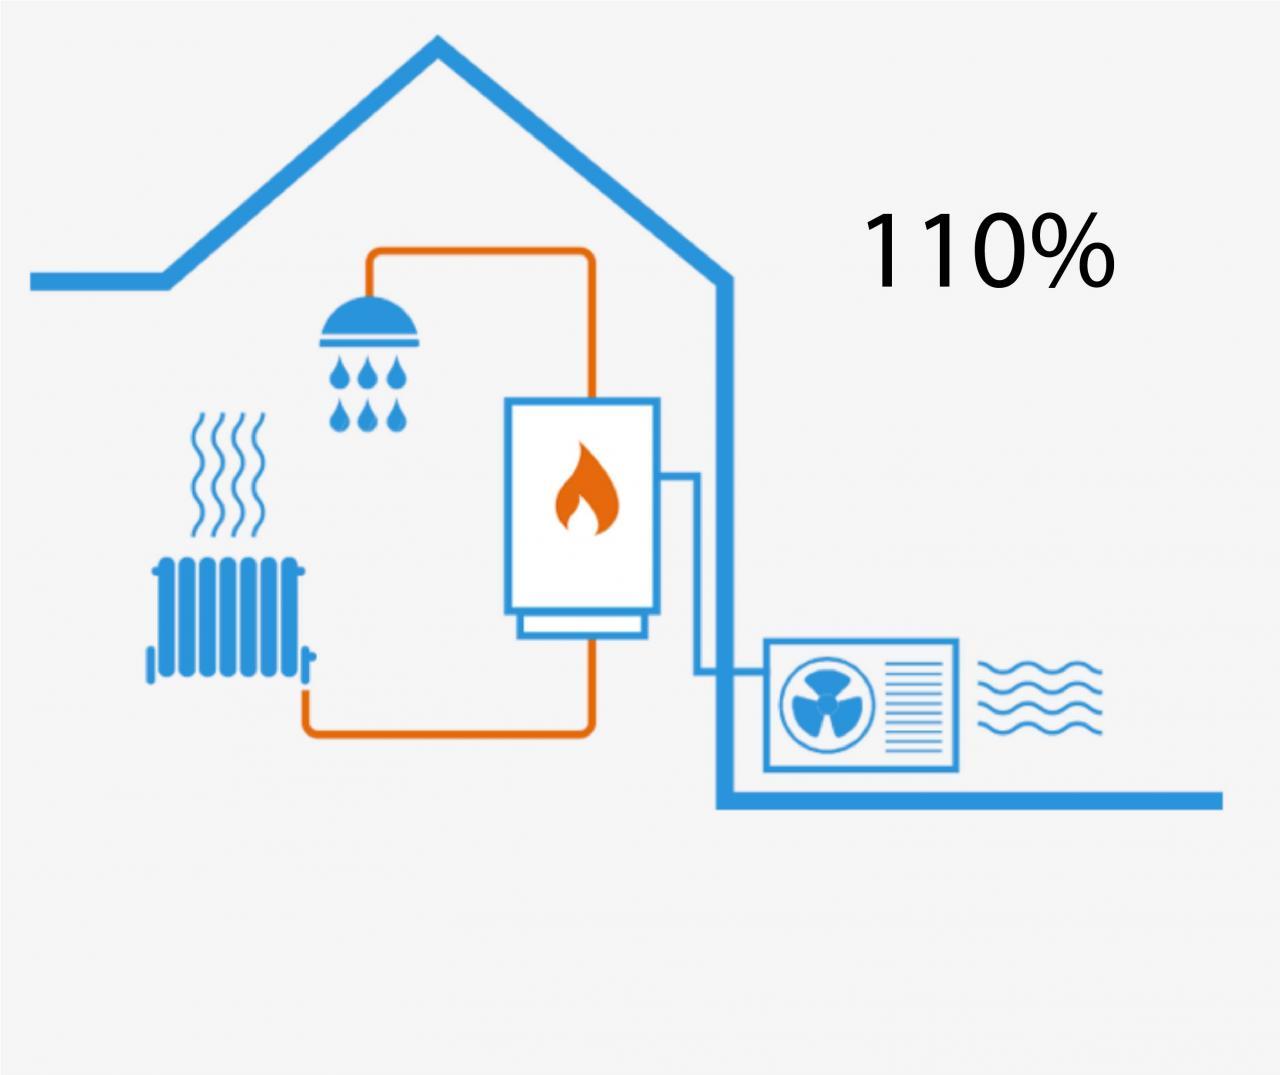 pompa di calore ed ecobonus 110%